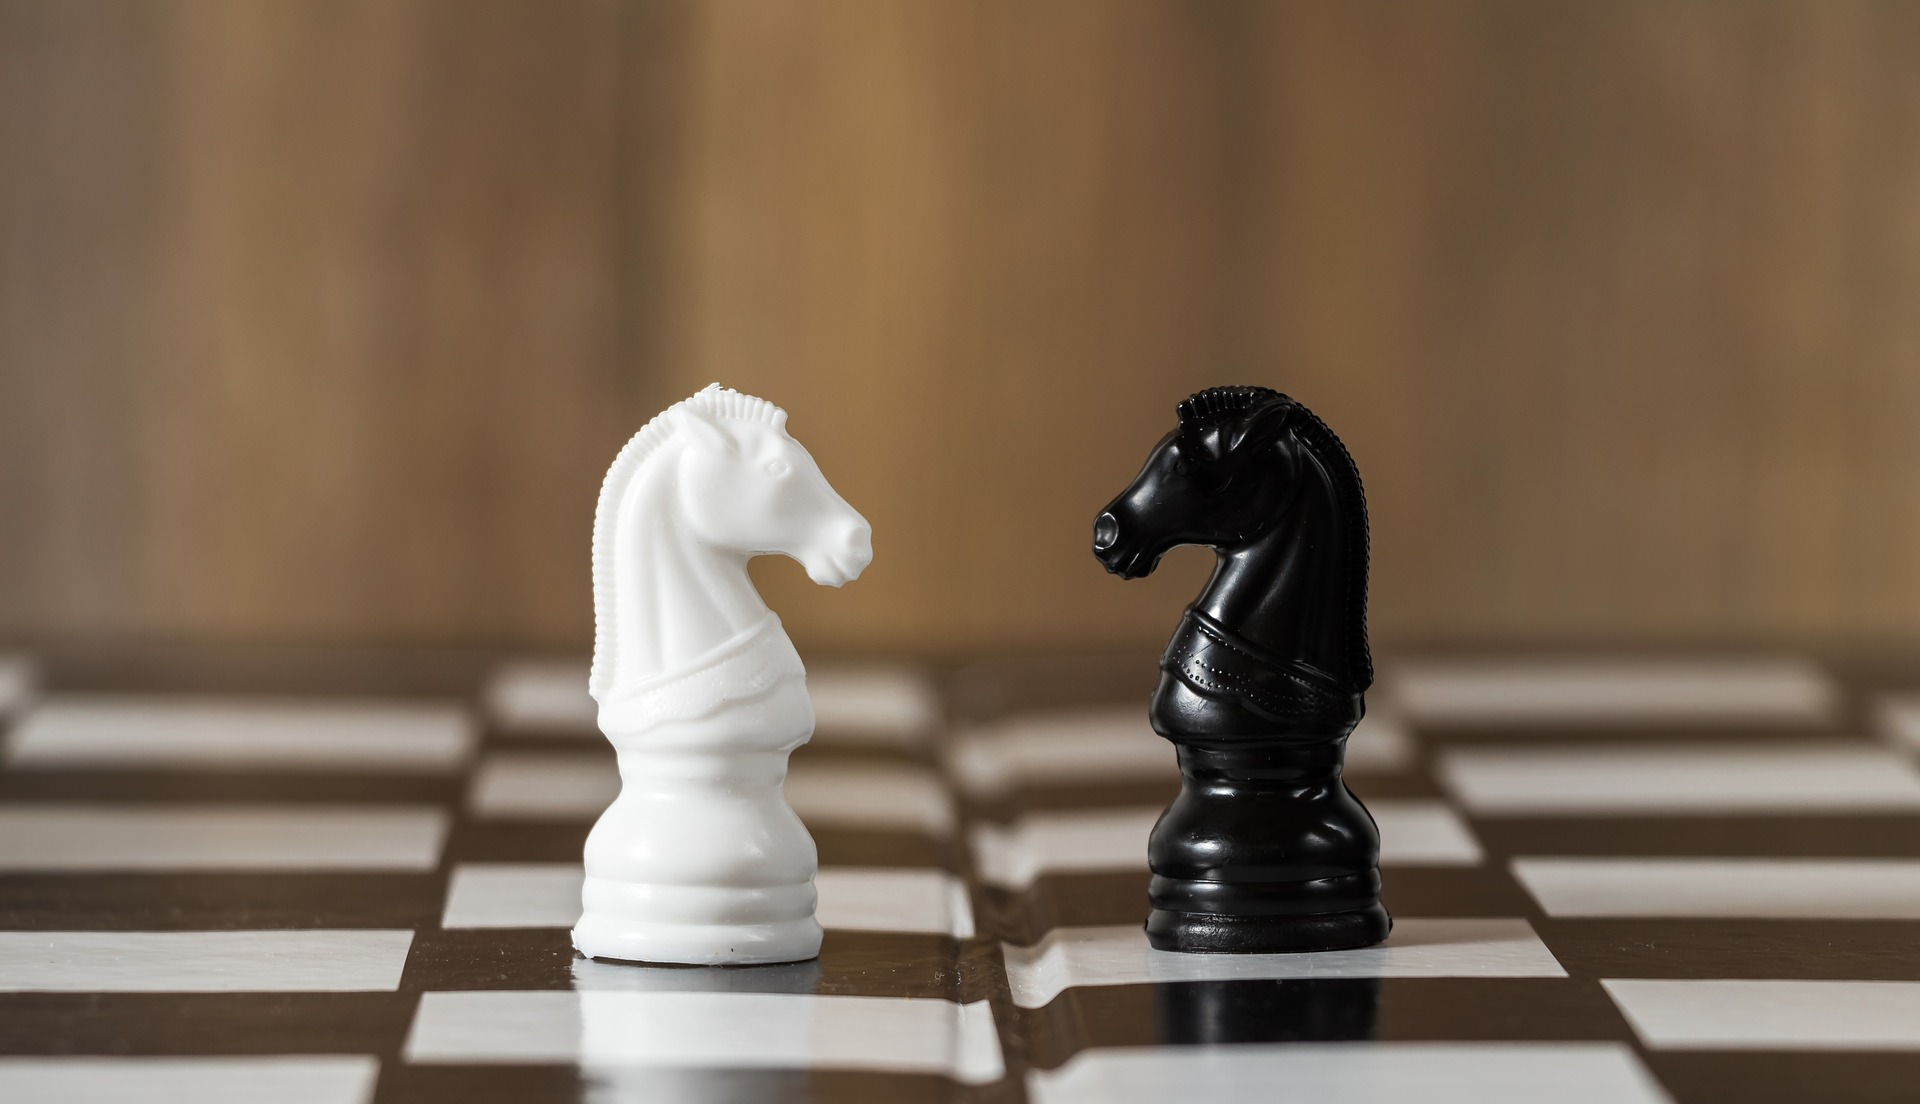 公務員or民間企業、どちらがいいか判断する方法